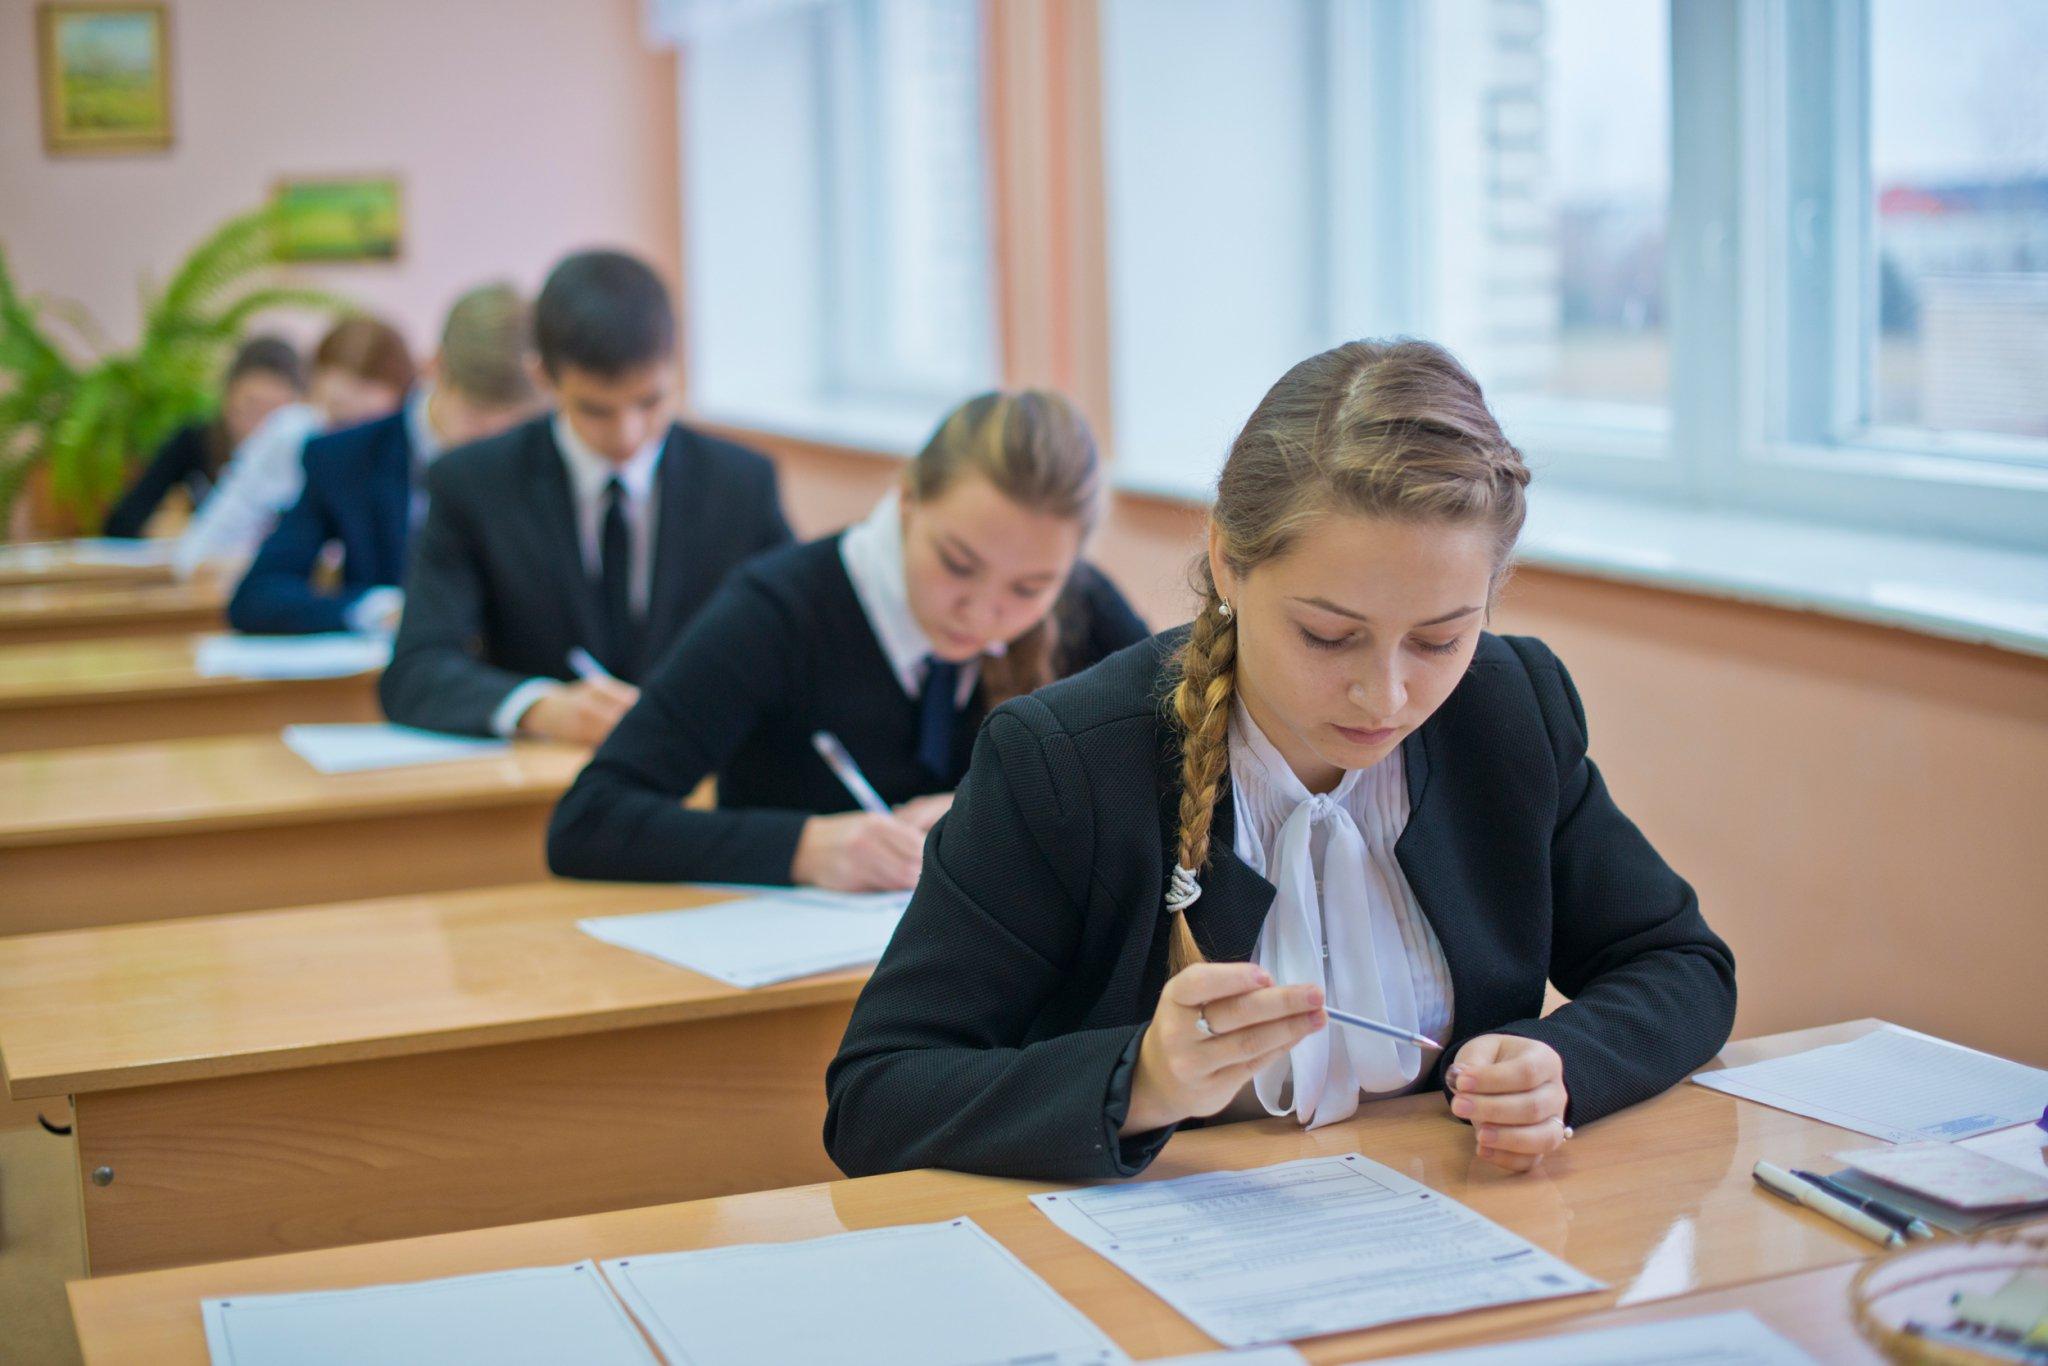 Что такое лицей: определение, специфика, отличие от гимназии и школы